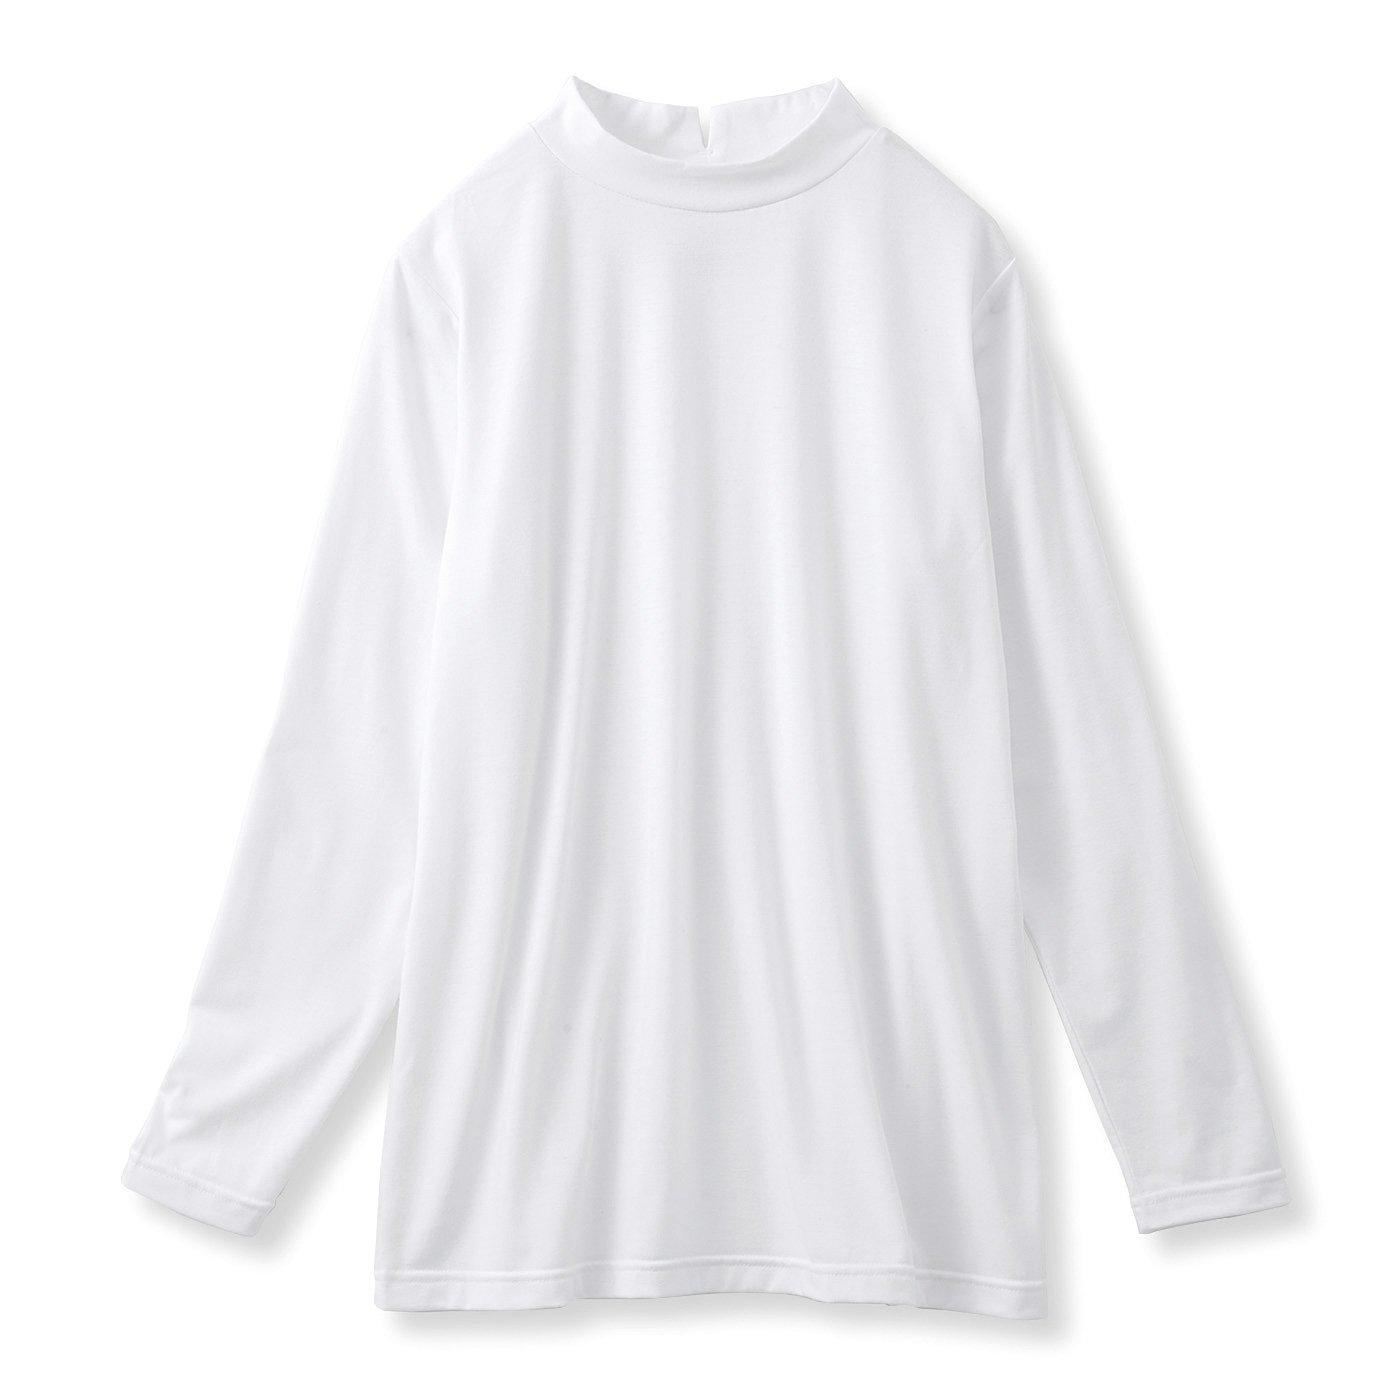 フラウグラット 重ね着上手な衿いろいろ 名わき役ホワイトトップス〈吸水速乾〉〈プチハイネック〉